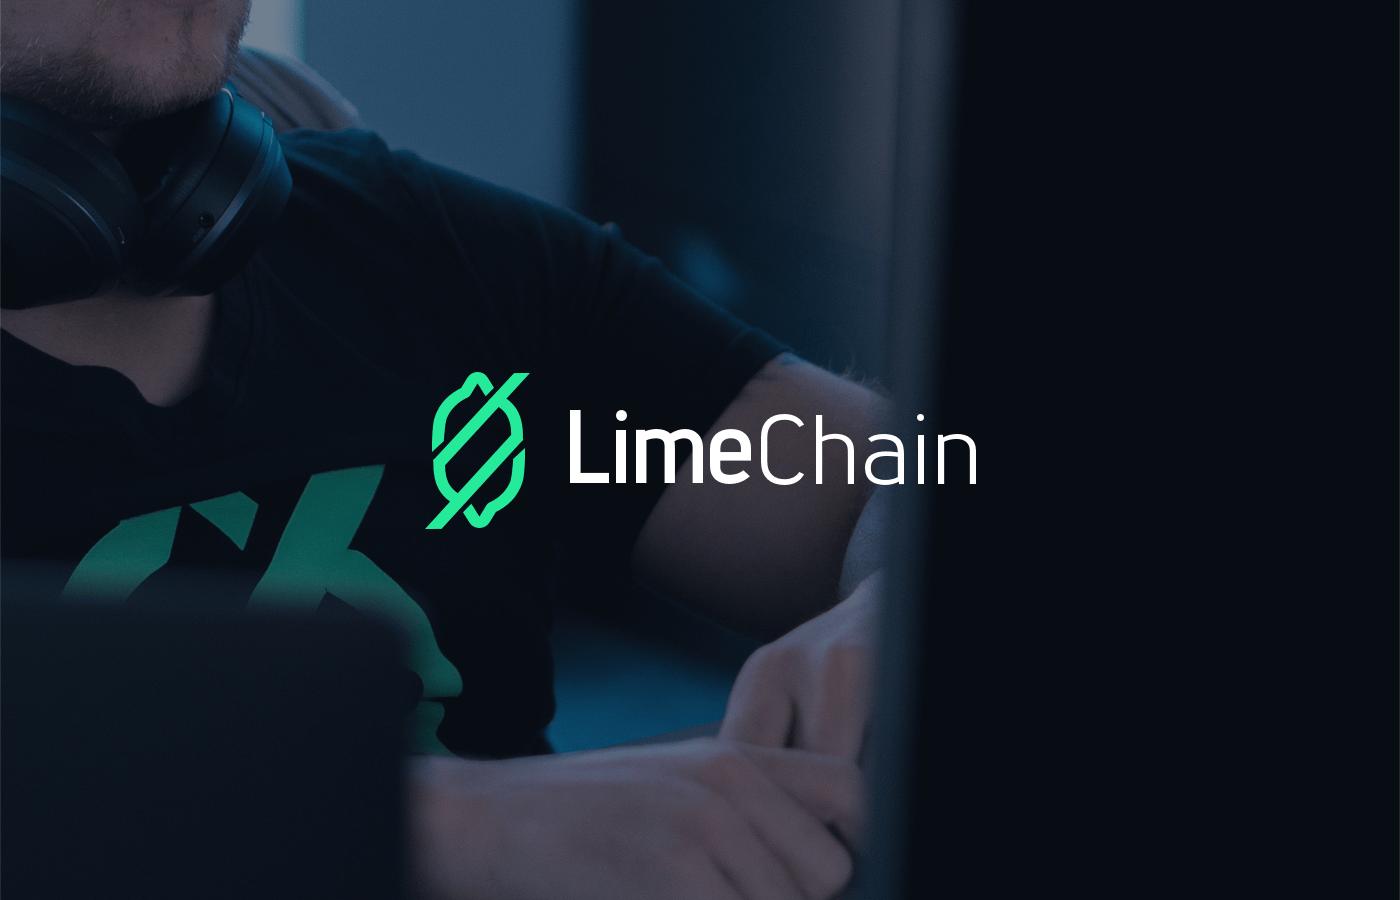 limechain-branding